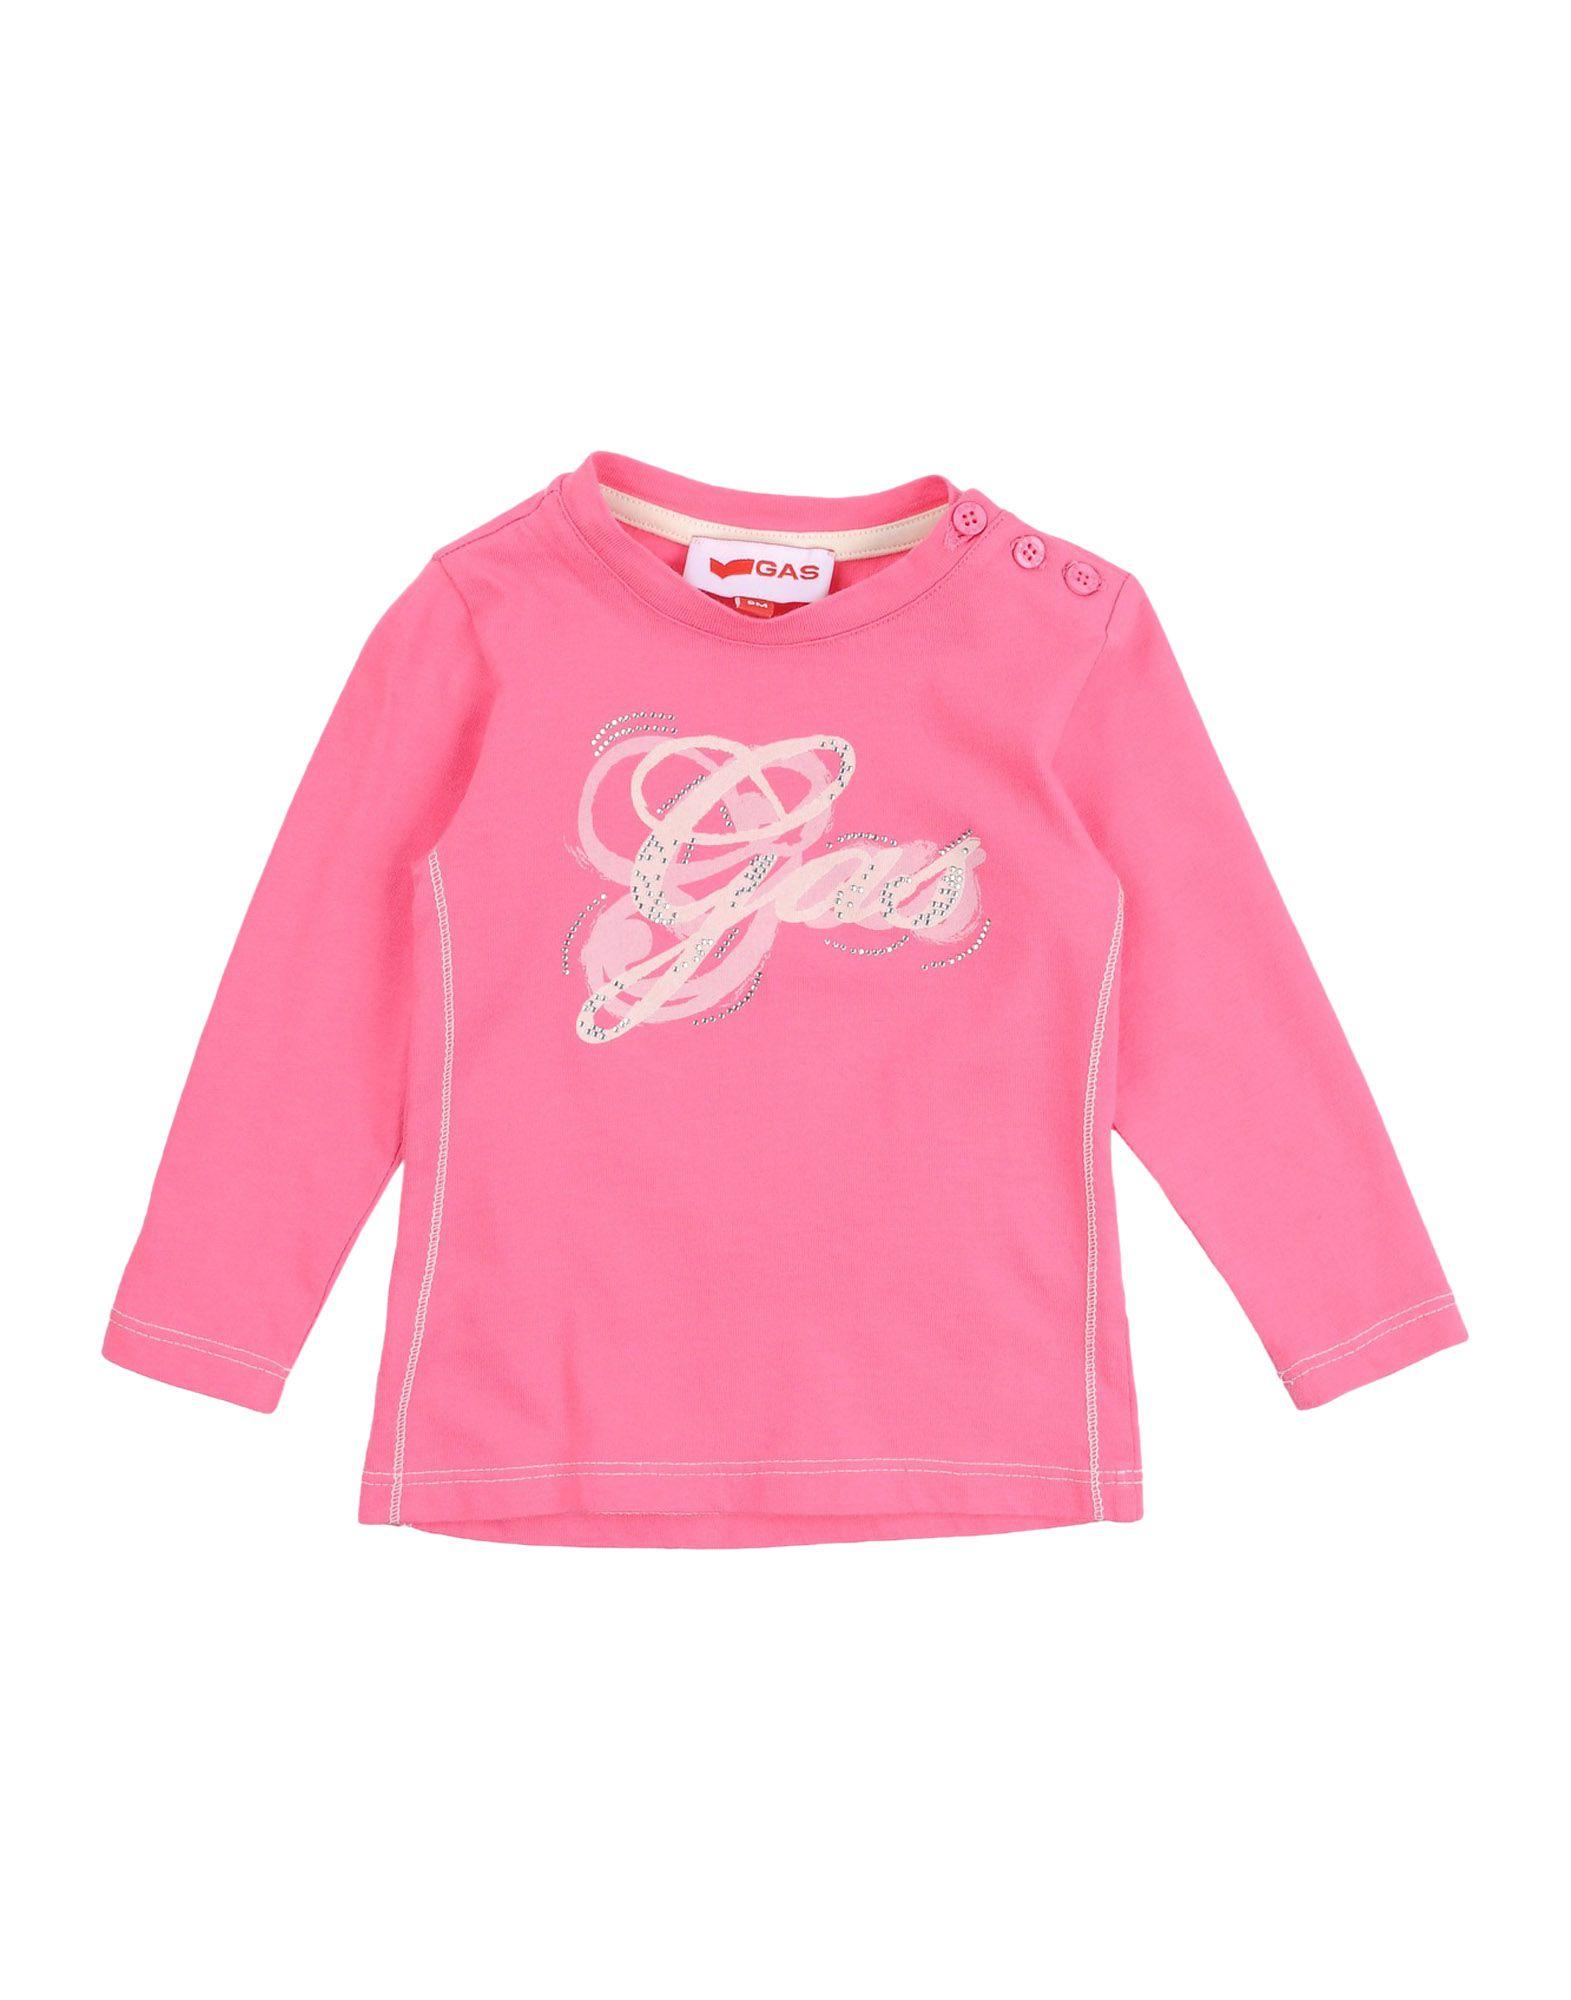 GAS Mädchen 0-24 monate T-shirts Farbe Fuchsia Größe 5